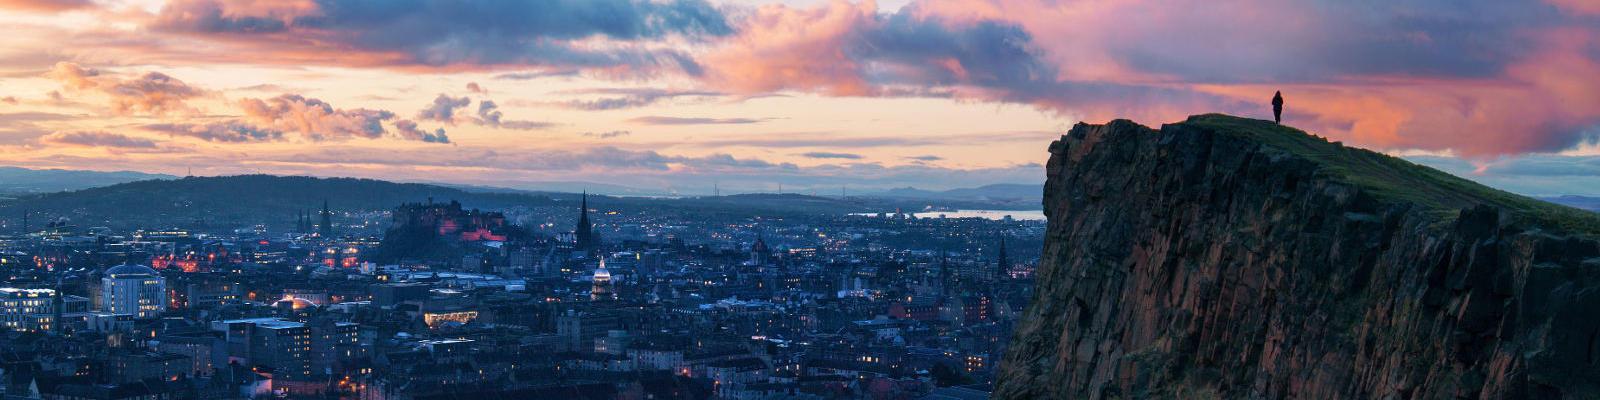 man on mountain over edinburgh sunset